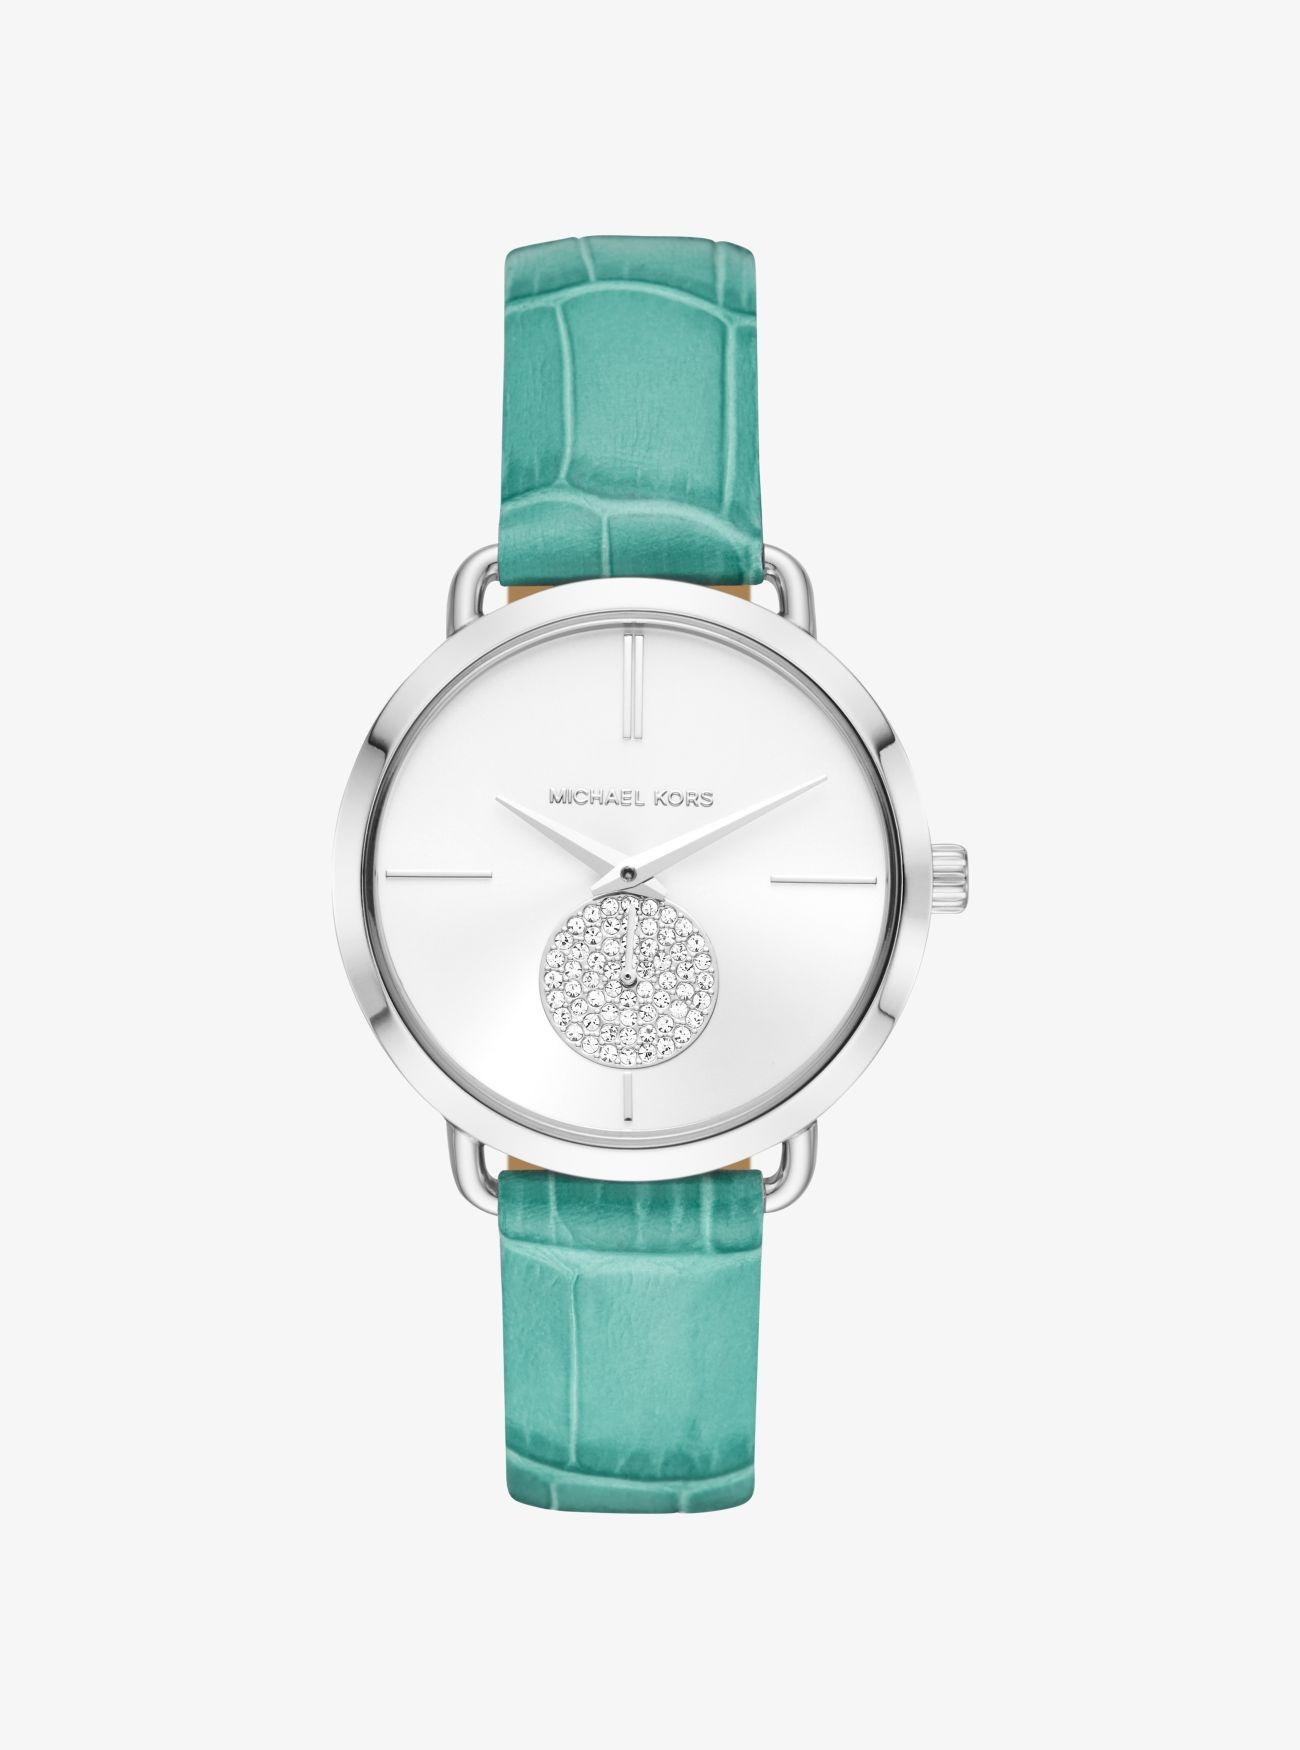 Đồng hồ dây da màu xanh ngọc Michael Kors